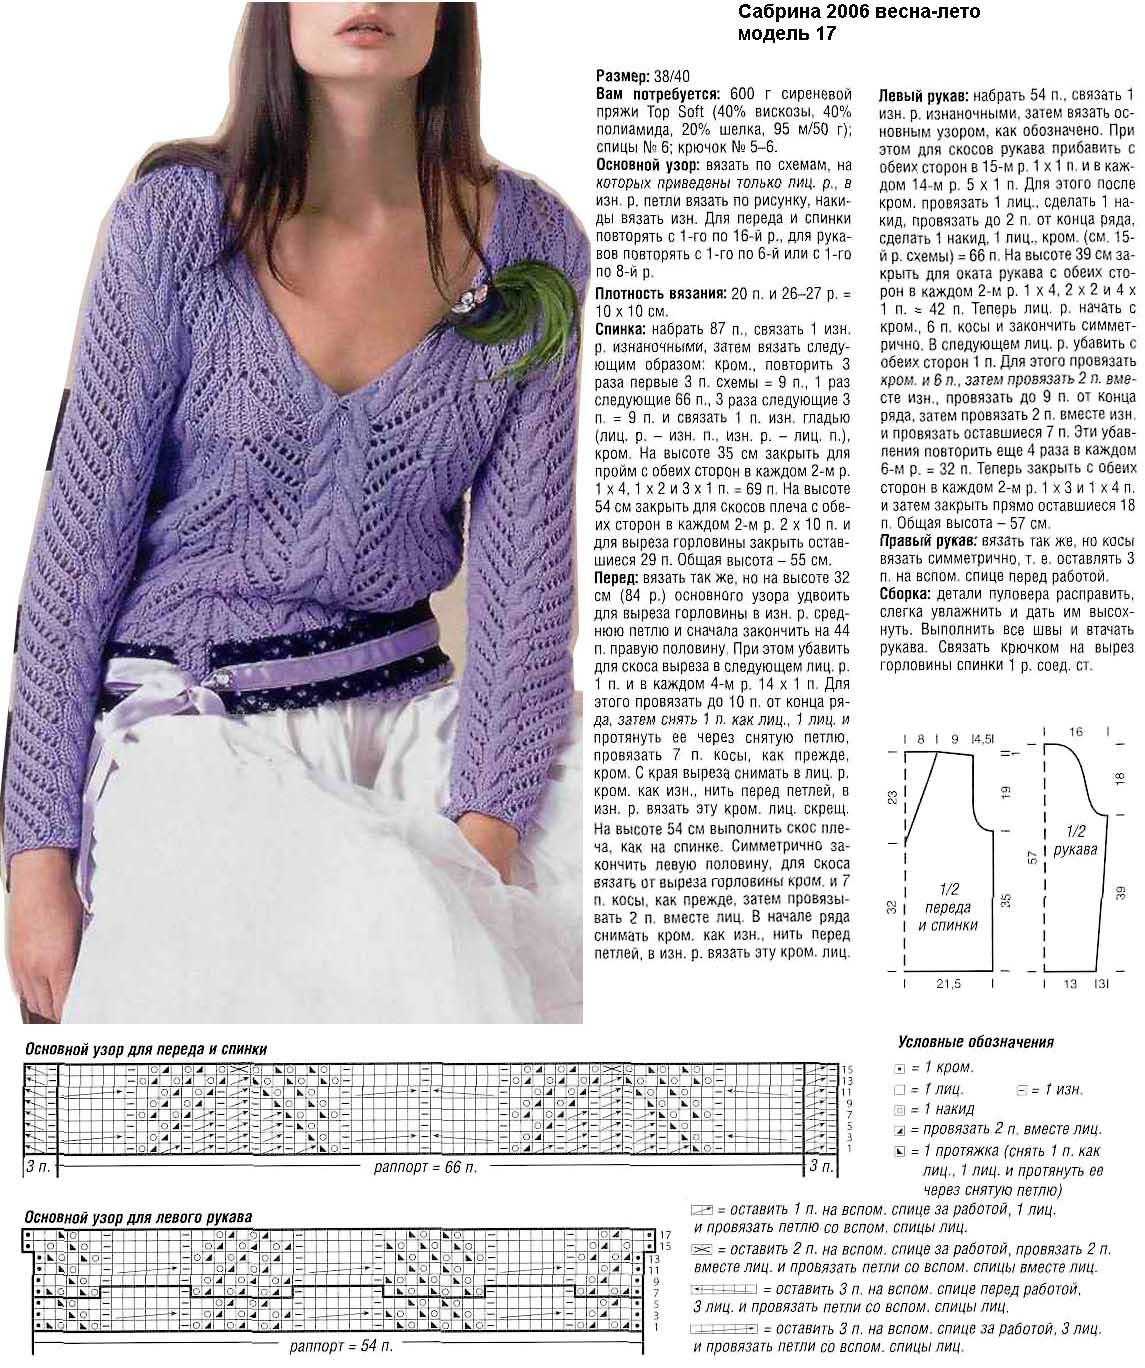 Красивые вязанные кофты спицами с описанием и схемами фото